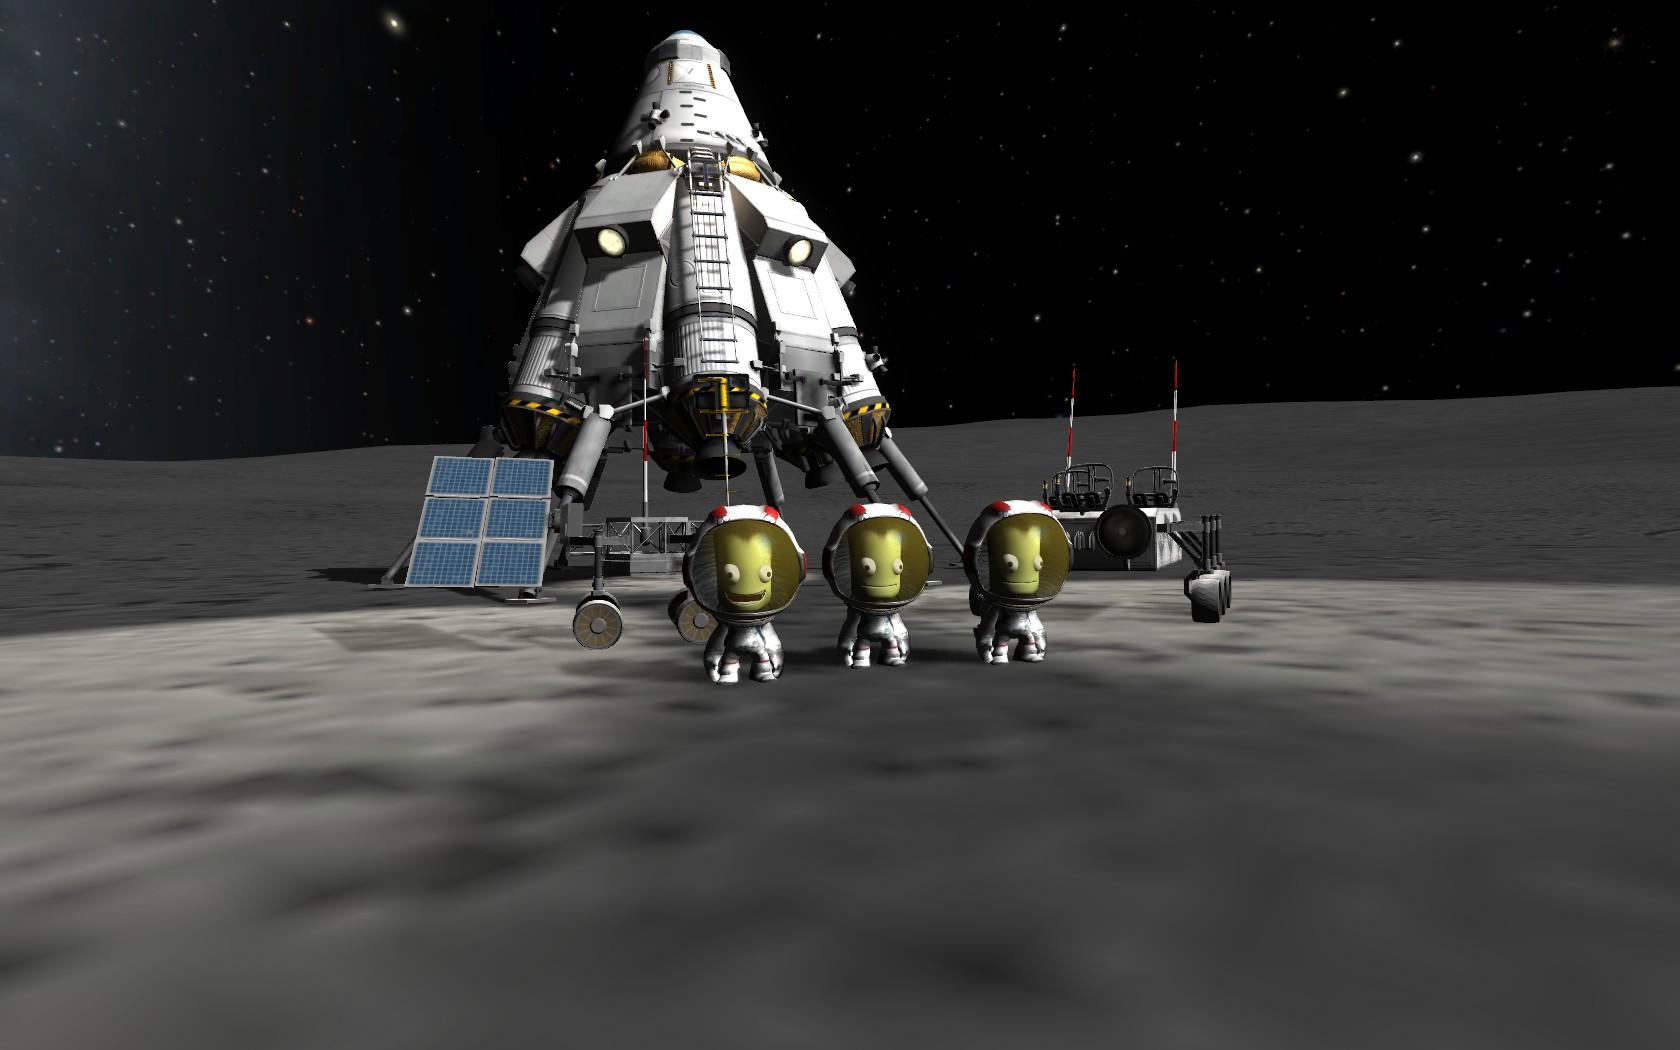 kerbal space program mun lander - photo #46